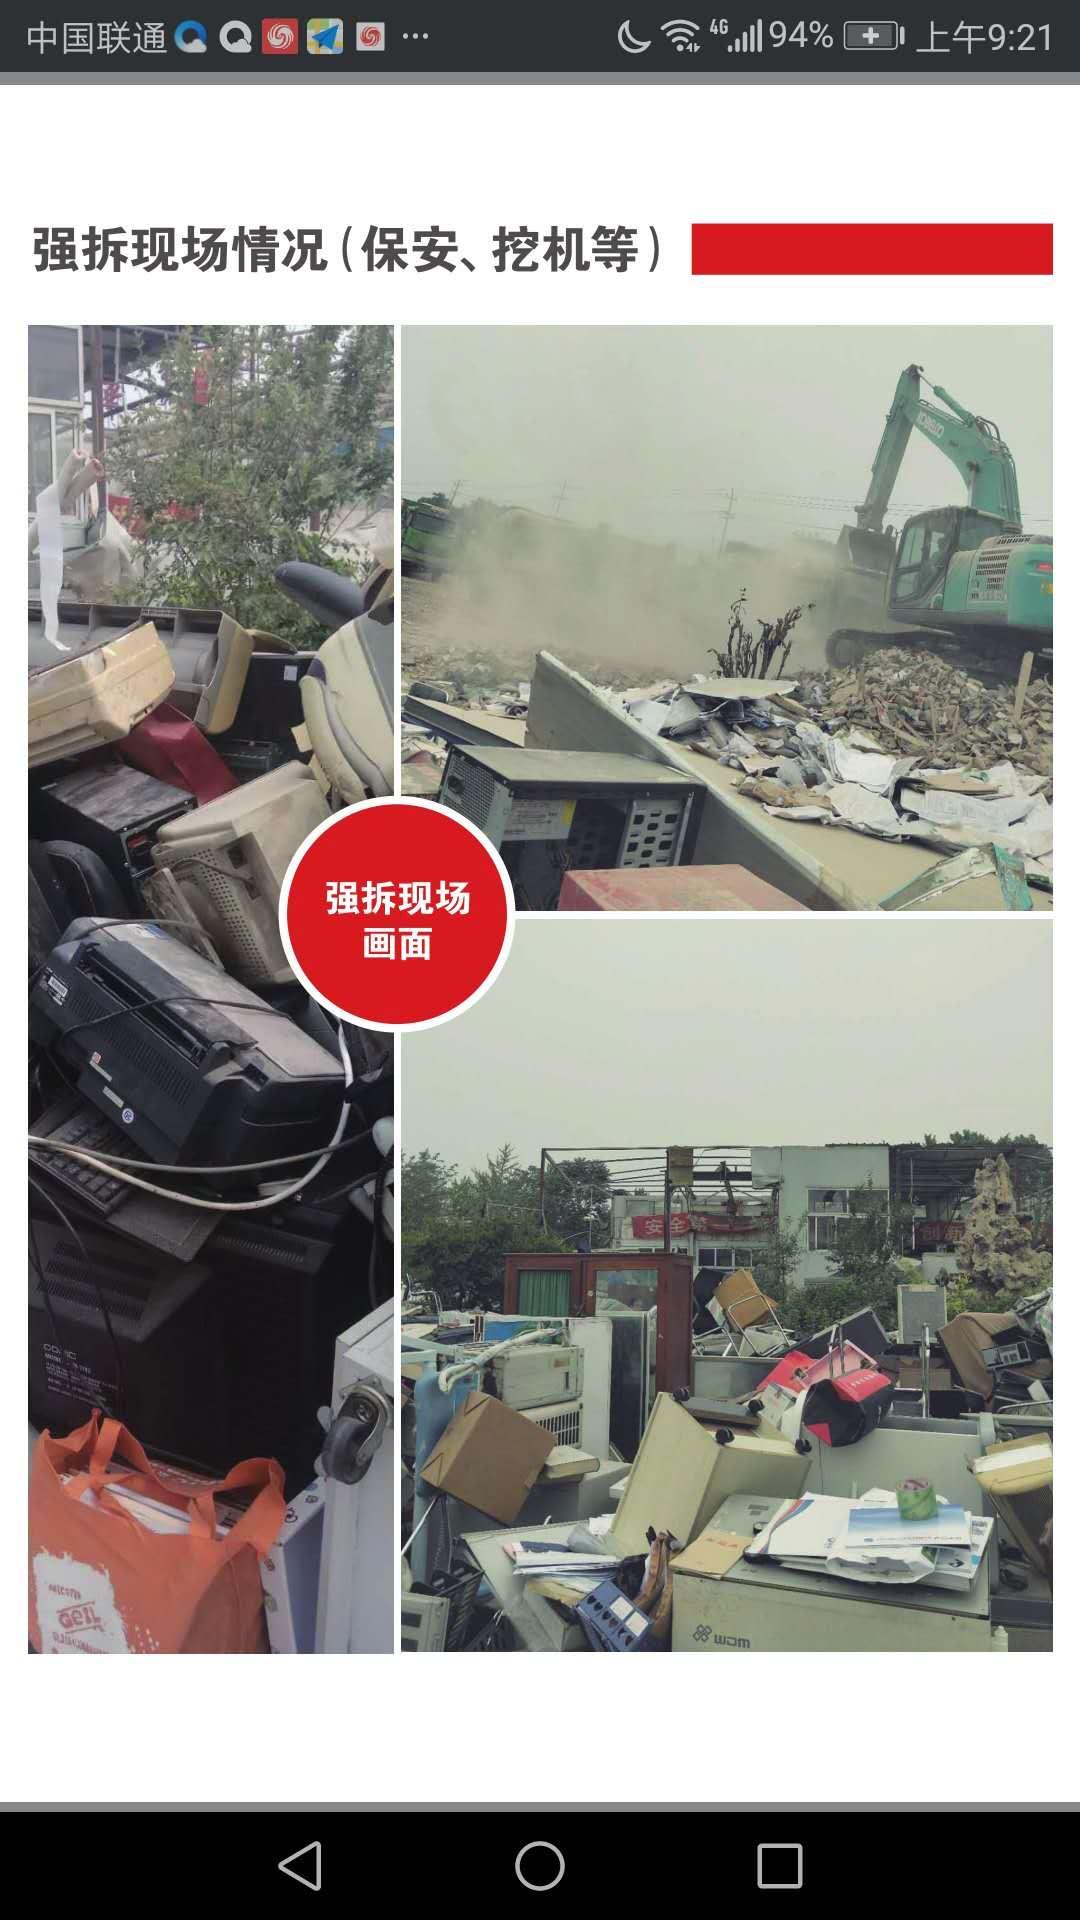 北京南苑村干部一声强拆令_国家级高新企业上亿合法财产灰飞烟灭